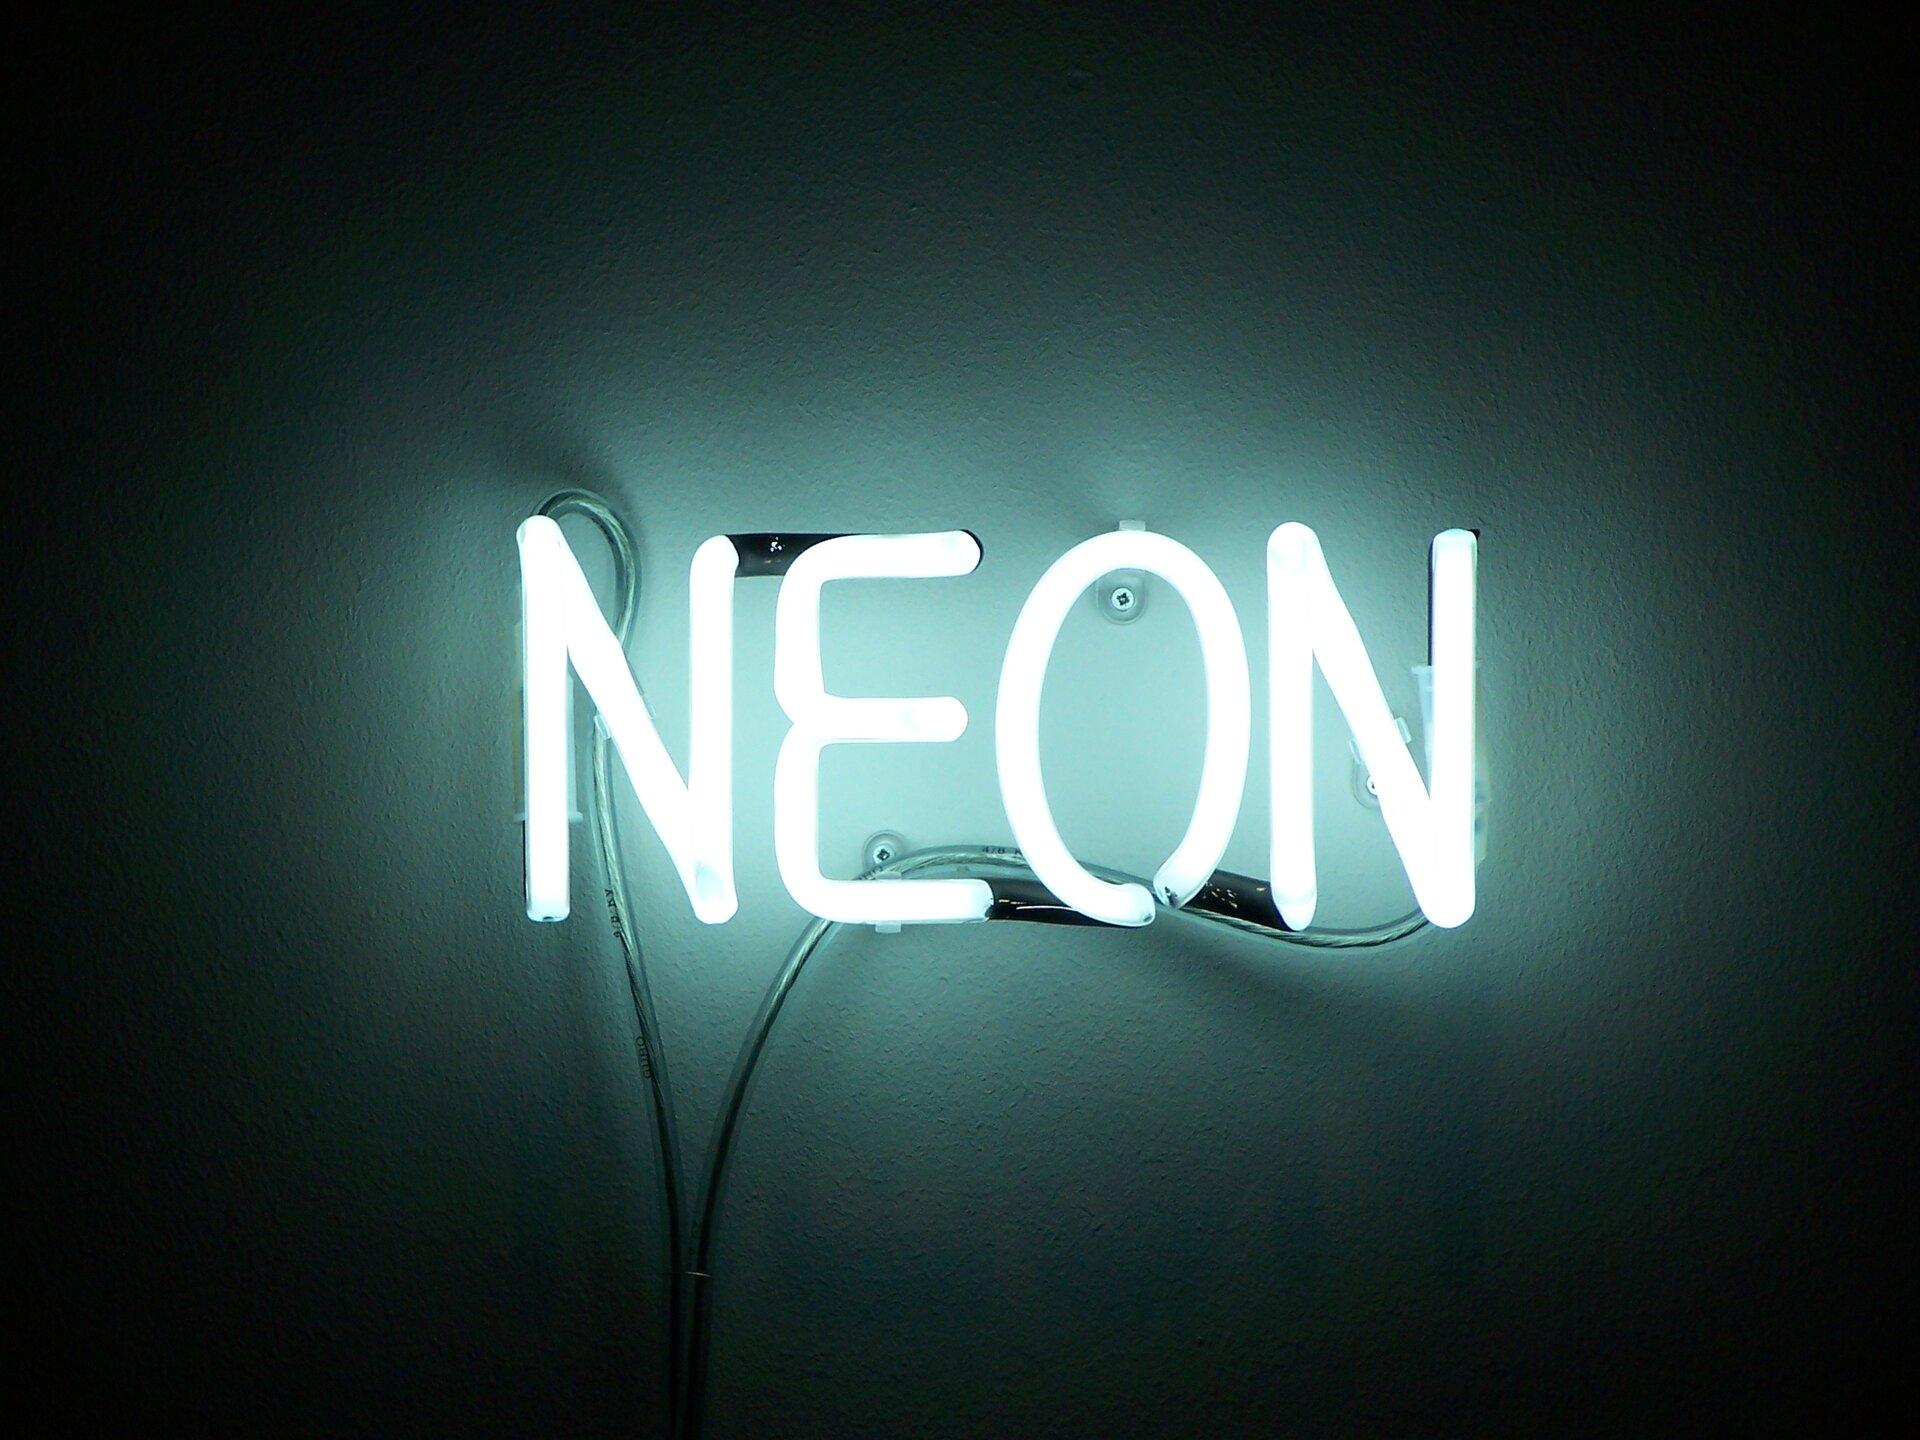 Zdjęcie przedstawia napis świecący NEON ułożony zodpowiednio ukształtowanych wygiętych rurek wypełnionych gazem szlachetnym neonem, na końcach których znajdują się elektrody. Napis świeci intensywną jasnoniebieską barwą rozświetlając najbliższe otoczenie, wtym ścianę do której jest przytwierdzony.